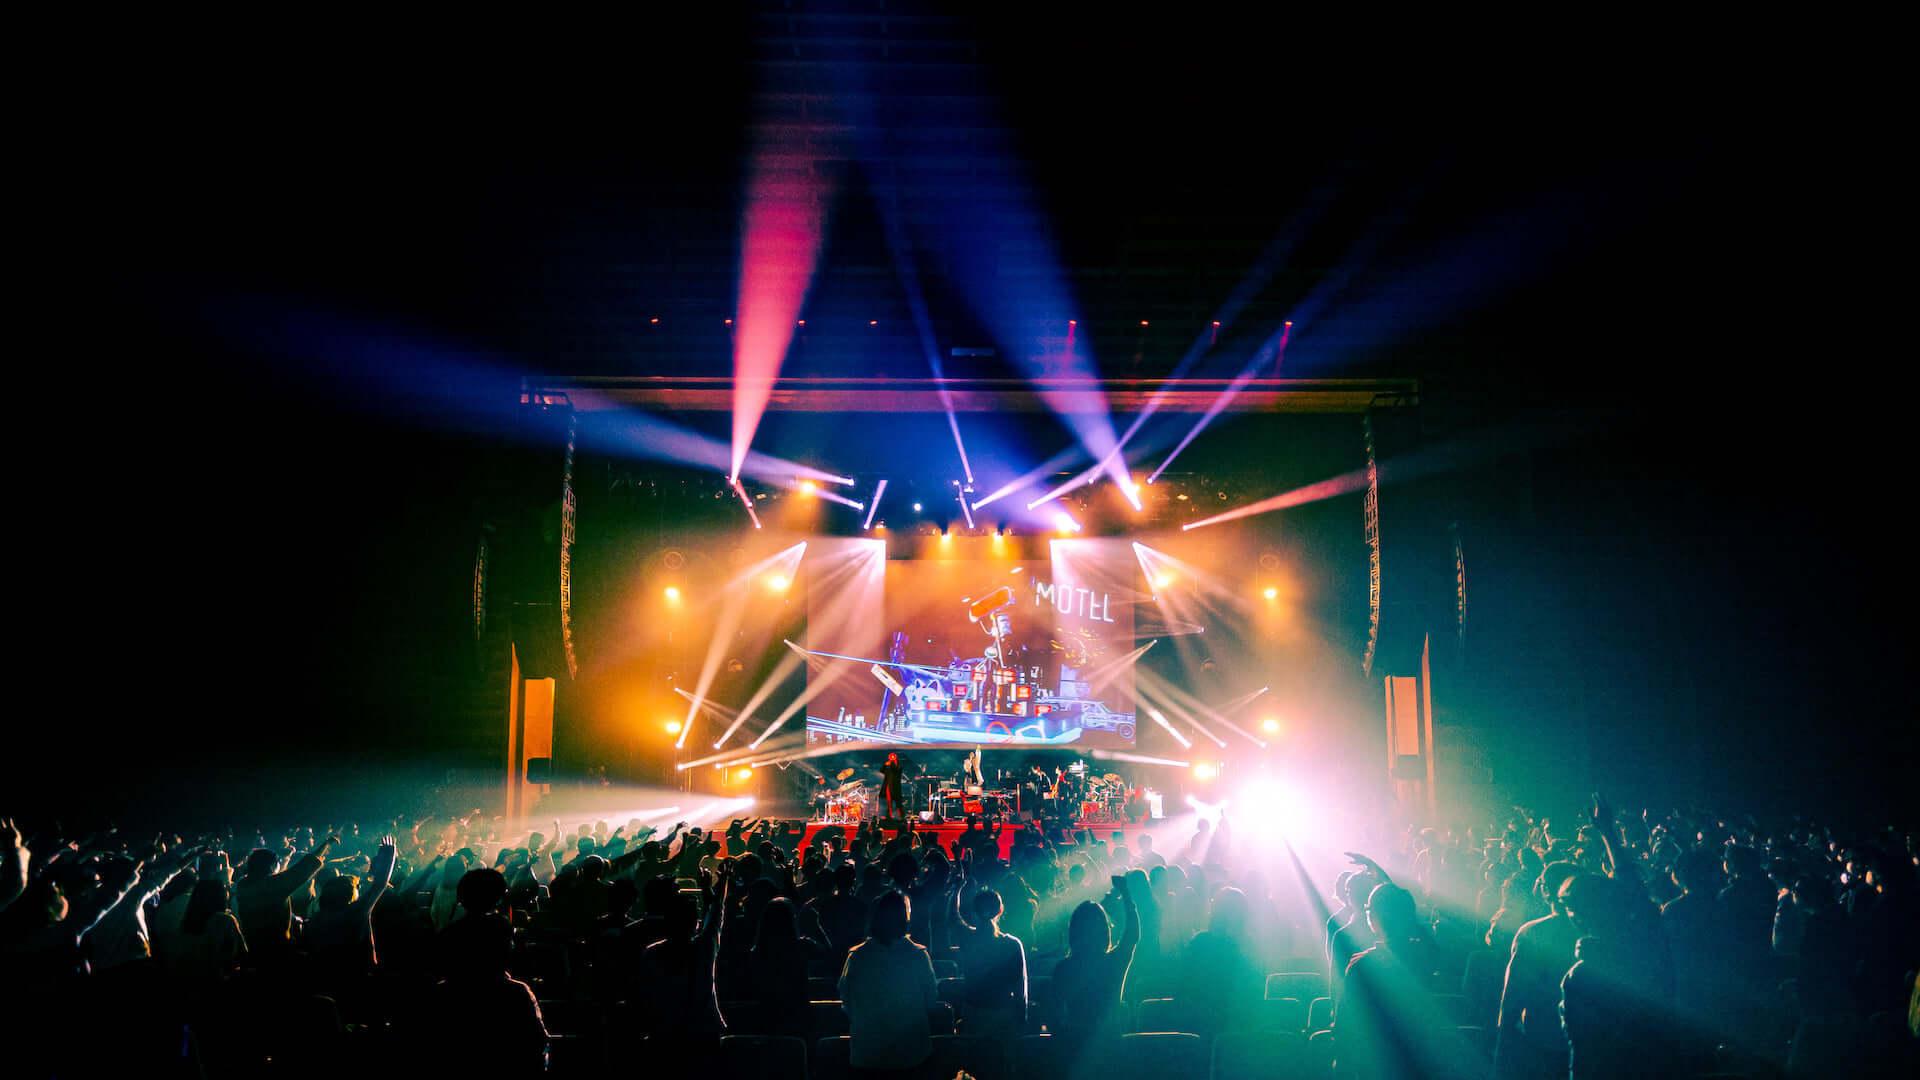 常田大希率いるmillennium paradeが今年最初で最後のワンマンライブを披露!ライブレポート&1stアルバムトラックリストが公開 music201224_millenniumparade_8-1920x1080